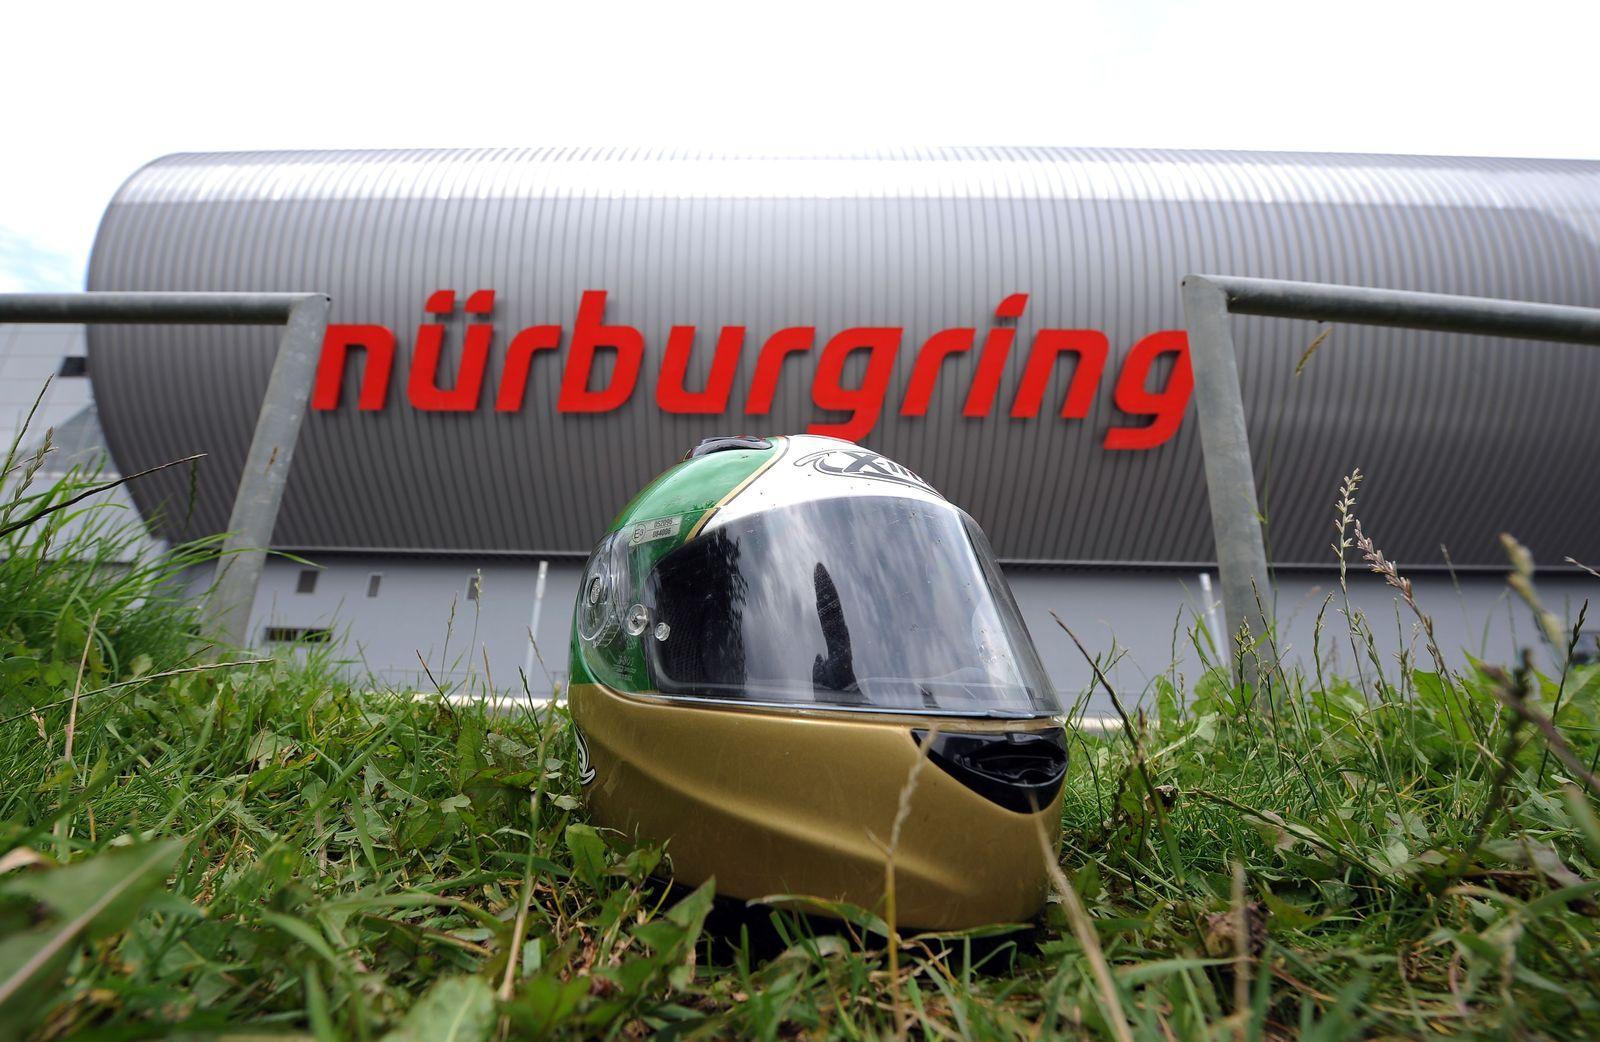 NICHT VERWENDEN Nürburgring